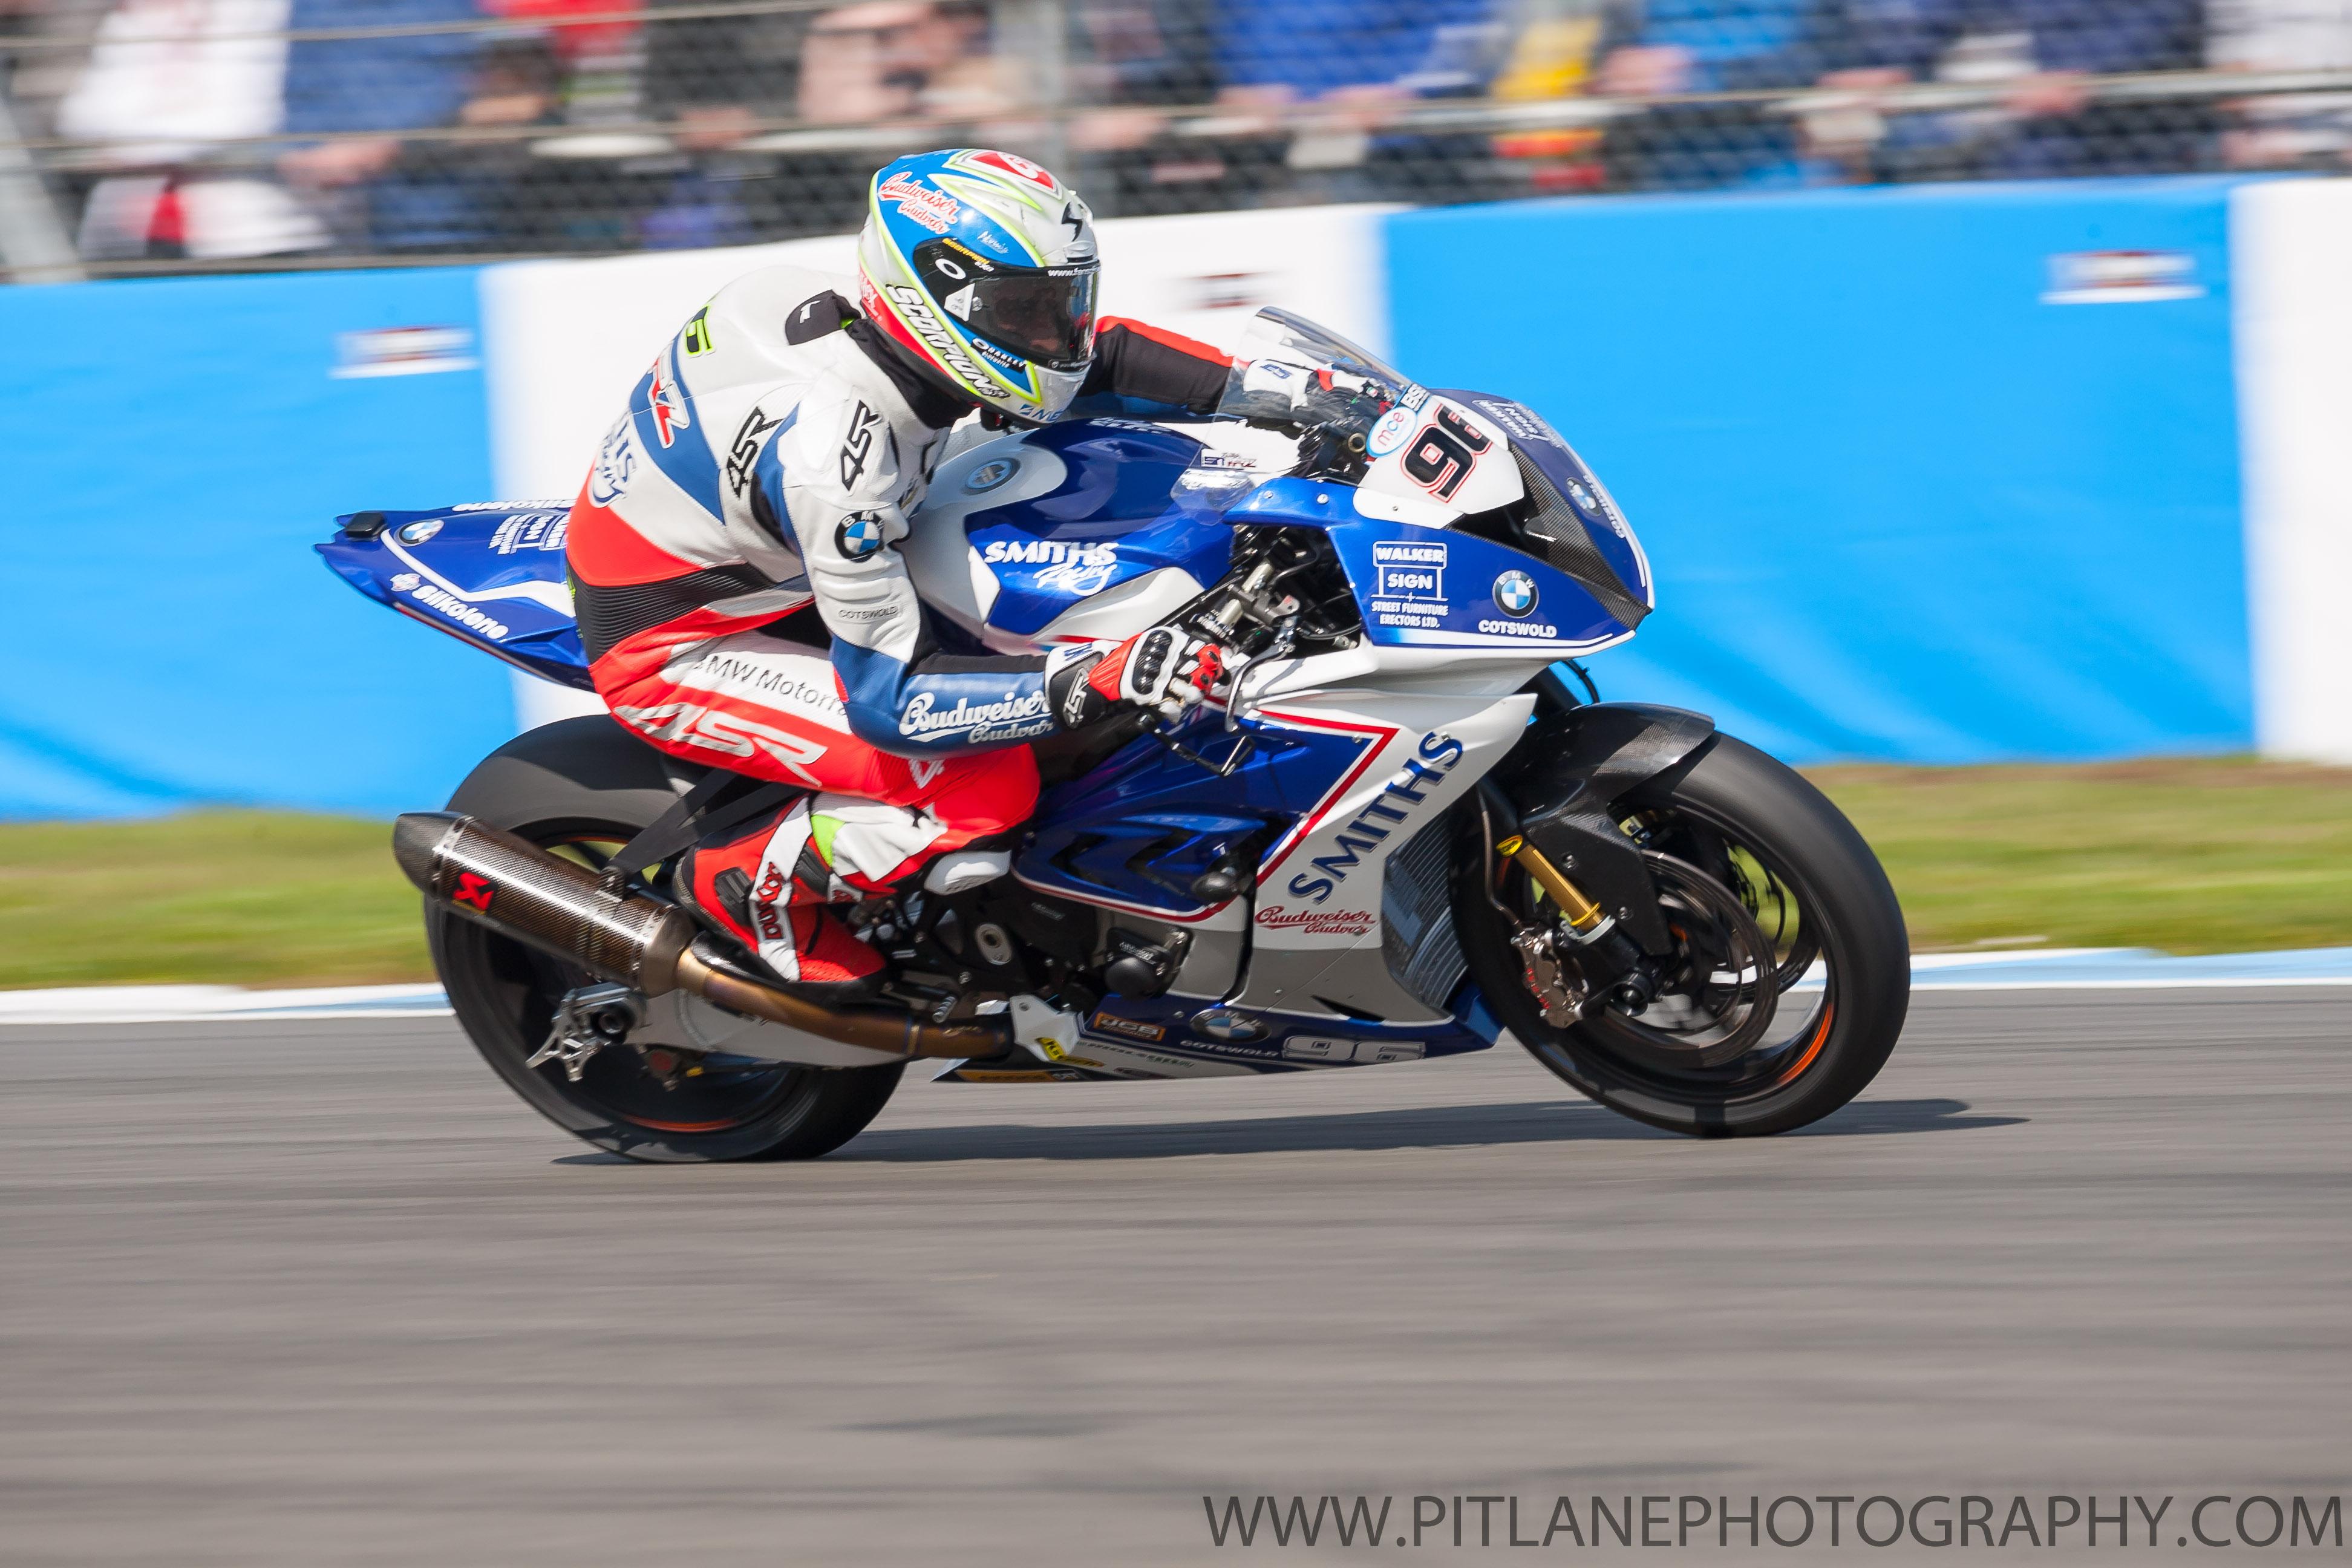 Jakub-Smrz-FP1-Silverstone-GP-1